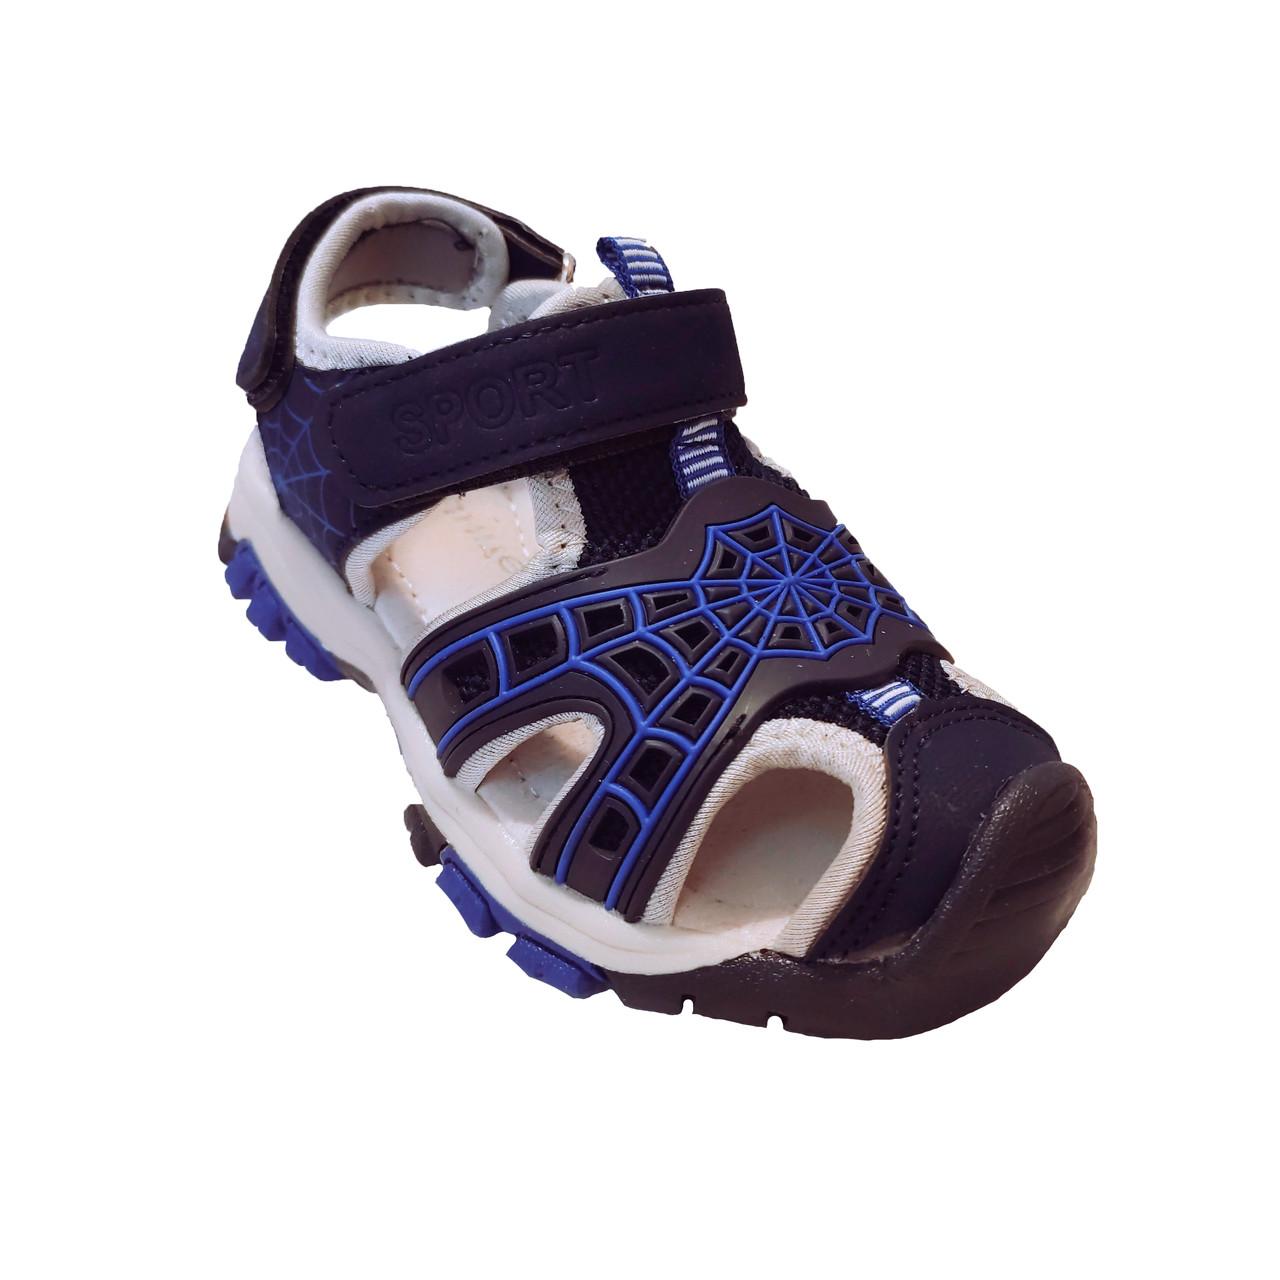 Сині спортивні сандалі з гумовим захисним носком від «Сонце» хлопчикам, р. 26, 27, 28, 29, 31